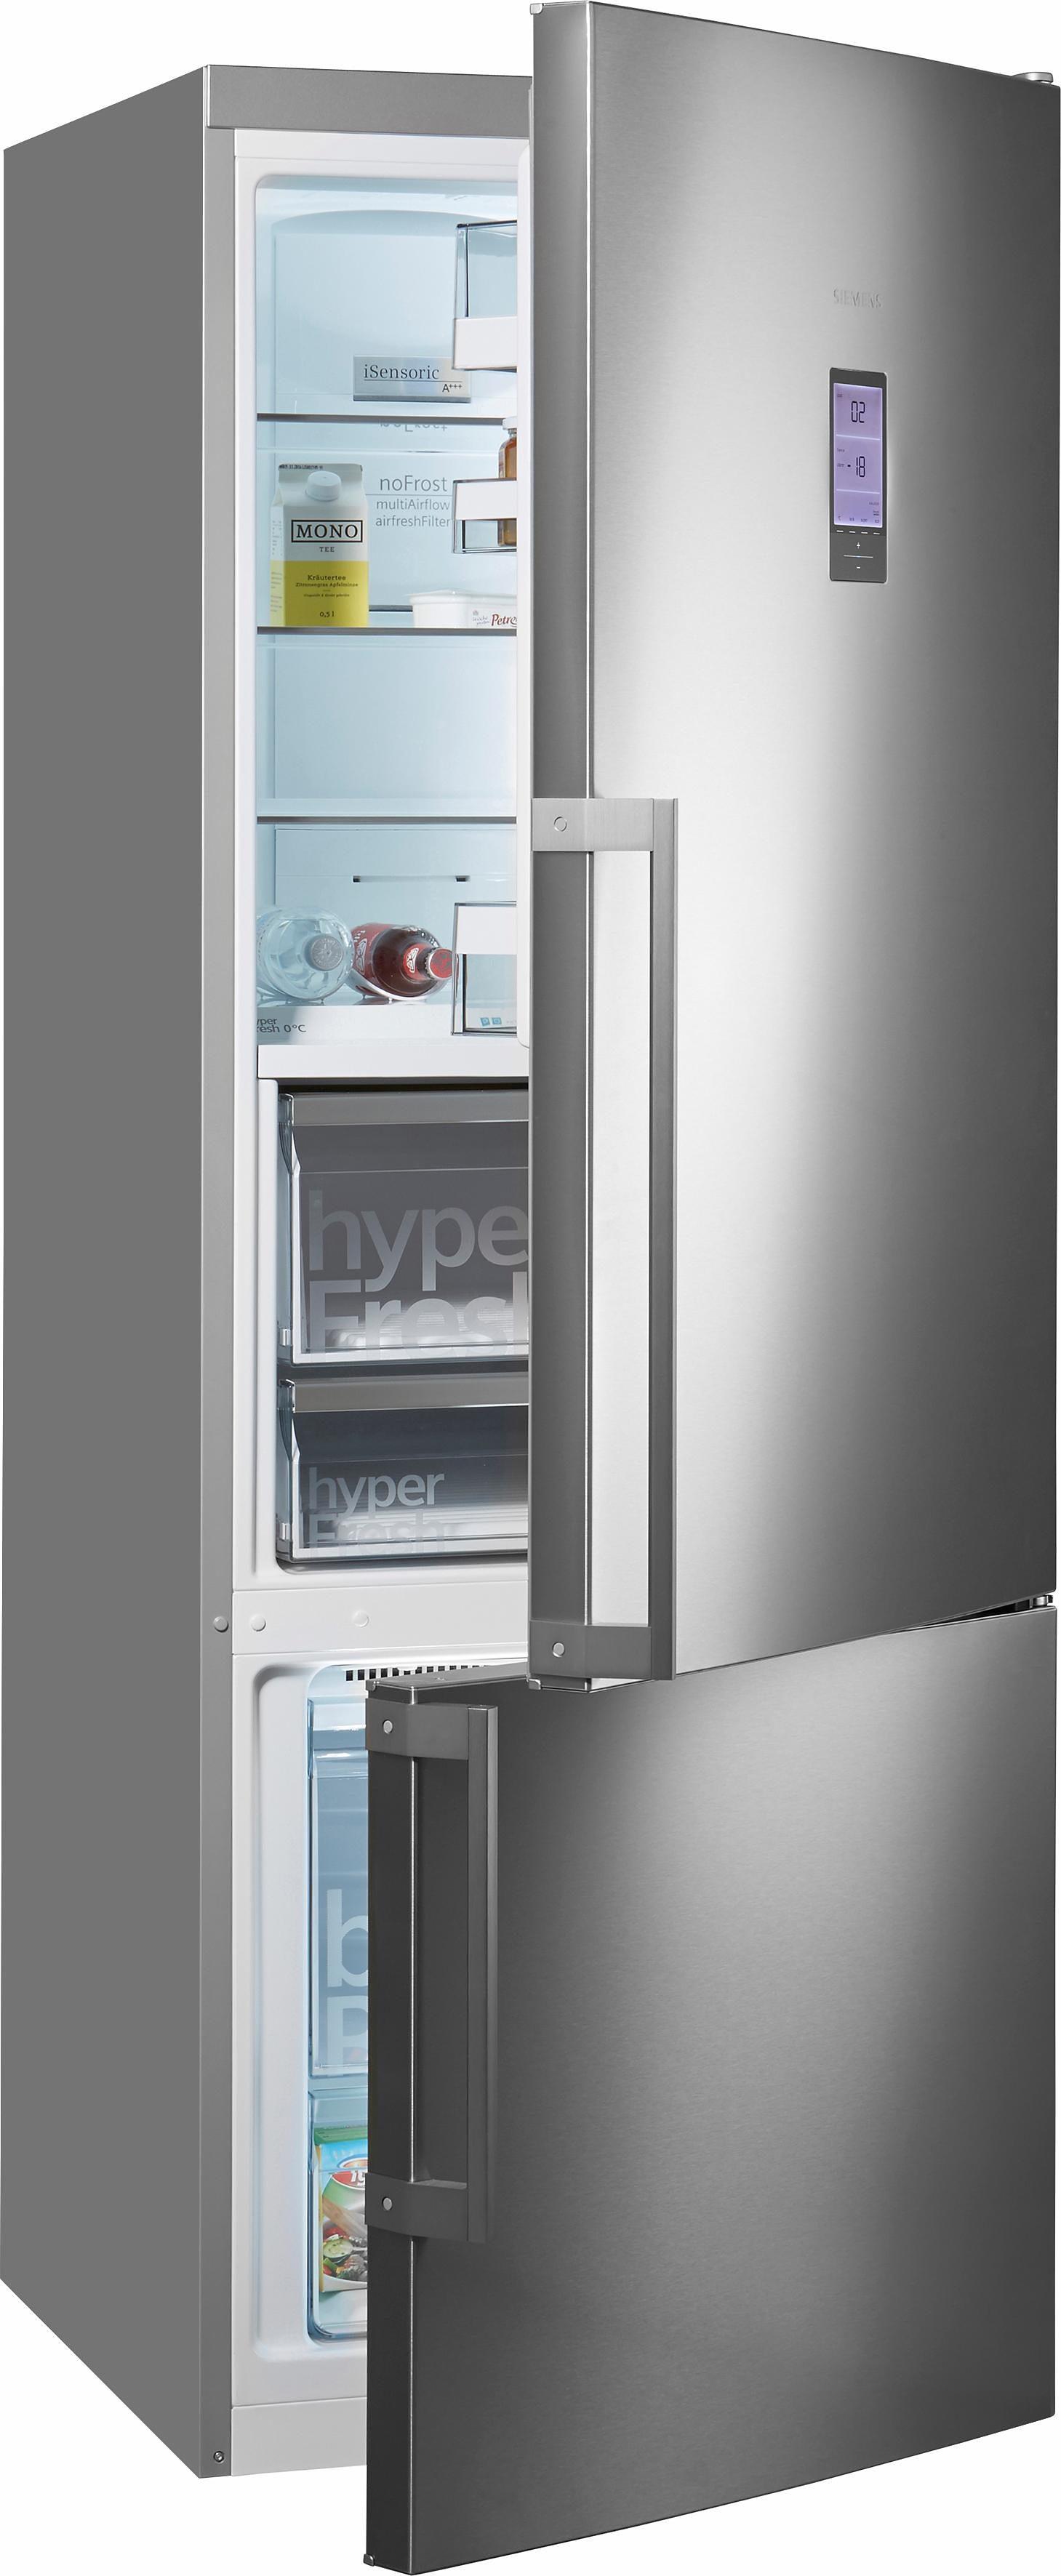 Siemens Kühl-Gefrierkombination KG56FPI40, Energieklasse A+++, 193 cm hoch, No Frost, Home Connect